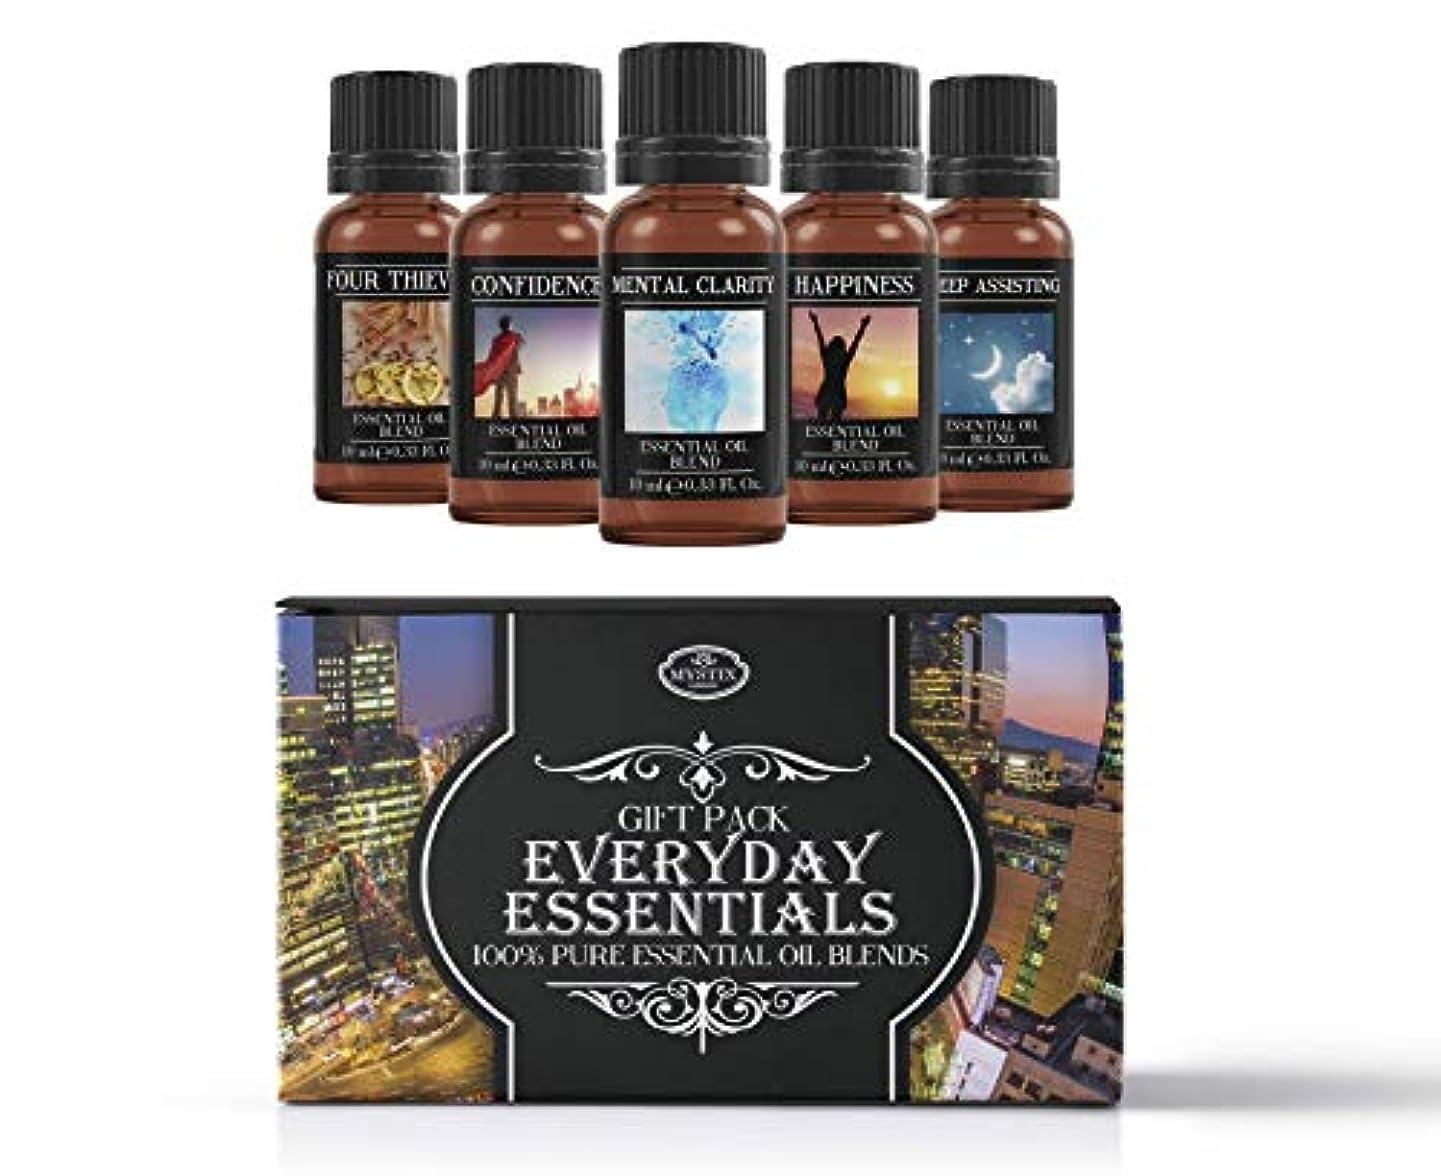 静めるフリースピラミッドEveryday Essentials   Essential Oil Blend Gift Pack   Confidence, Four Thieves, Happiness, Mental Clarity, Sleep...